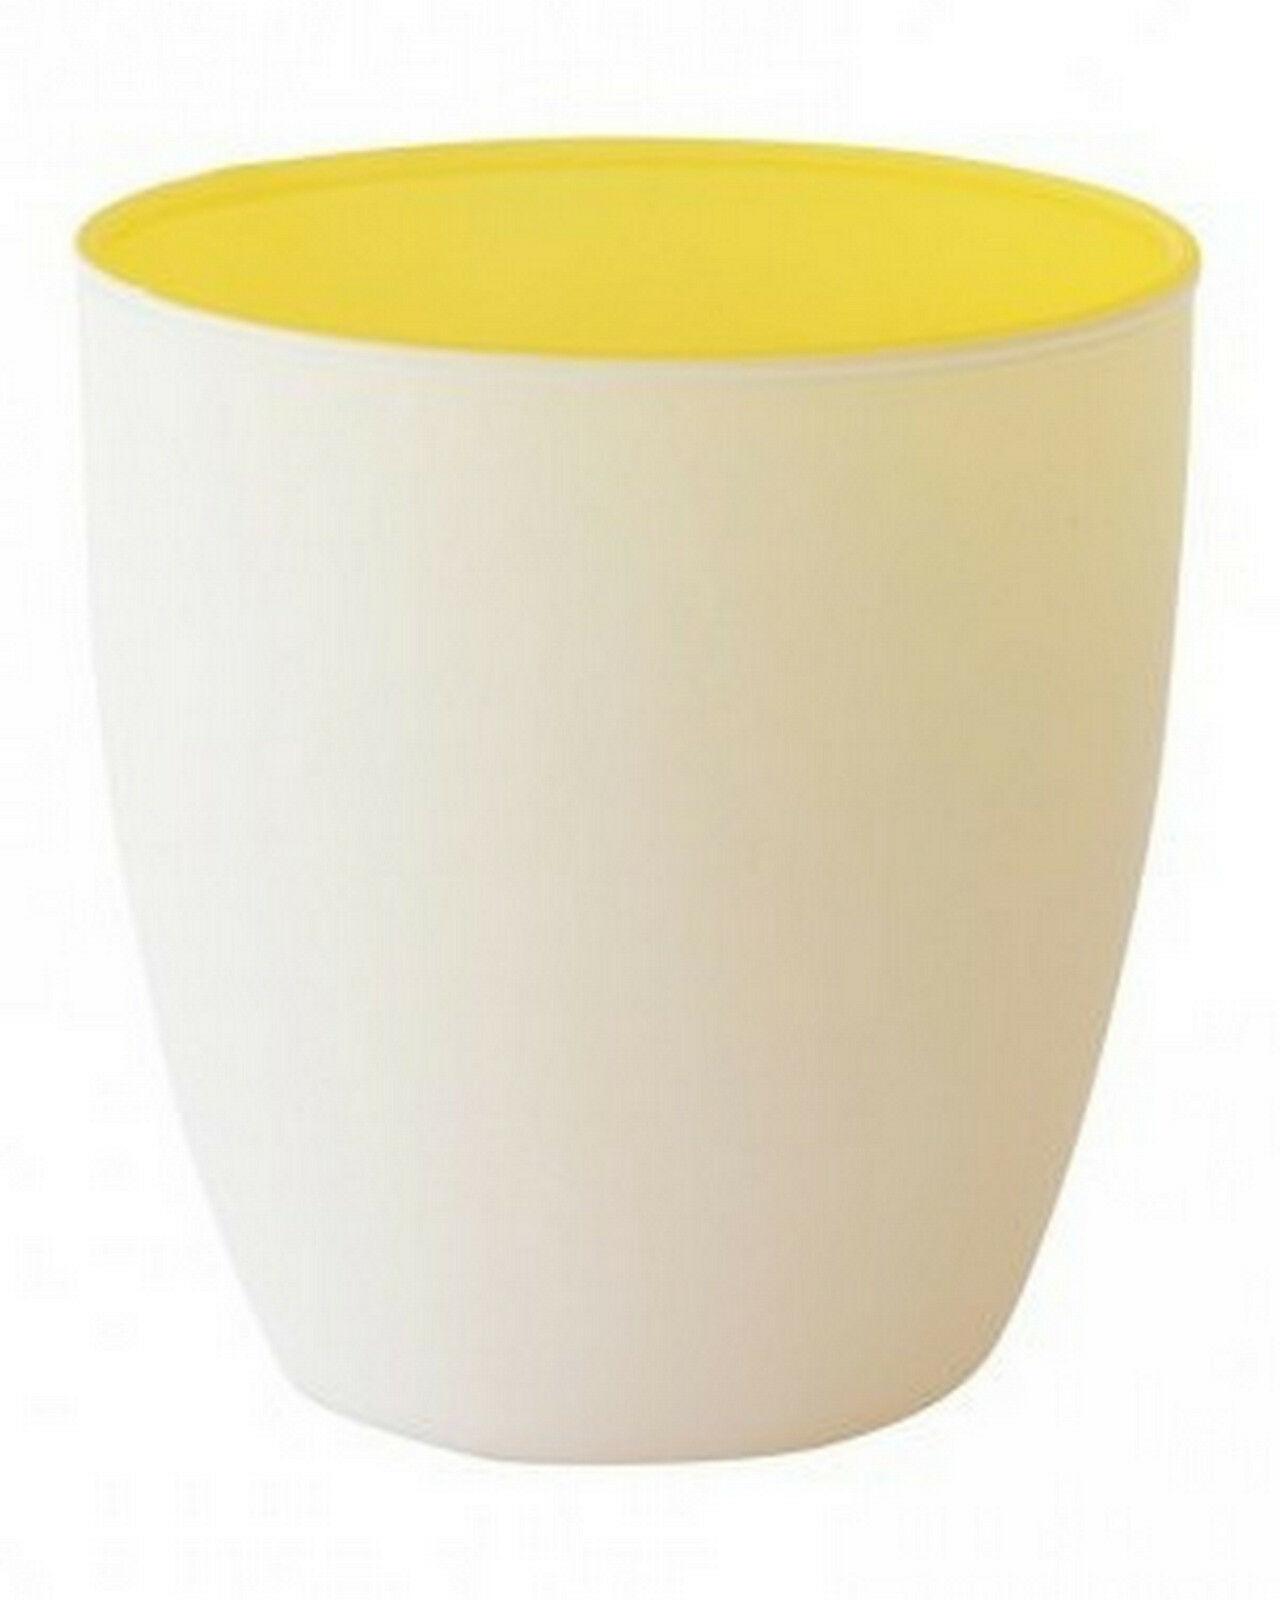 20 Kerzenhalter 85x90mm Maxilichtglas Teelichthalter Kerzenglas Weiß in 3 Farben - Gelb